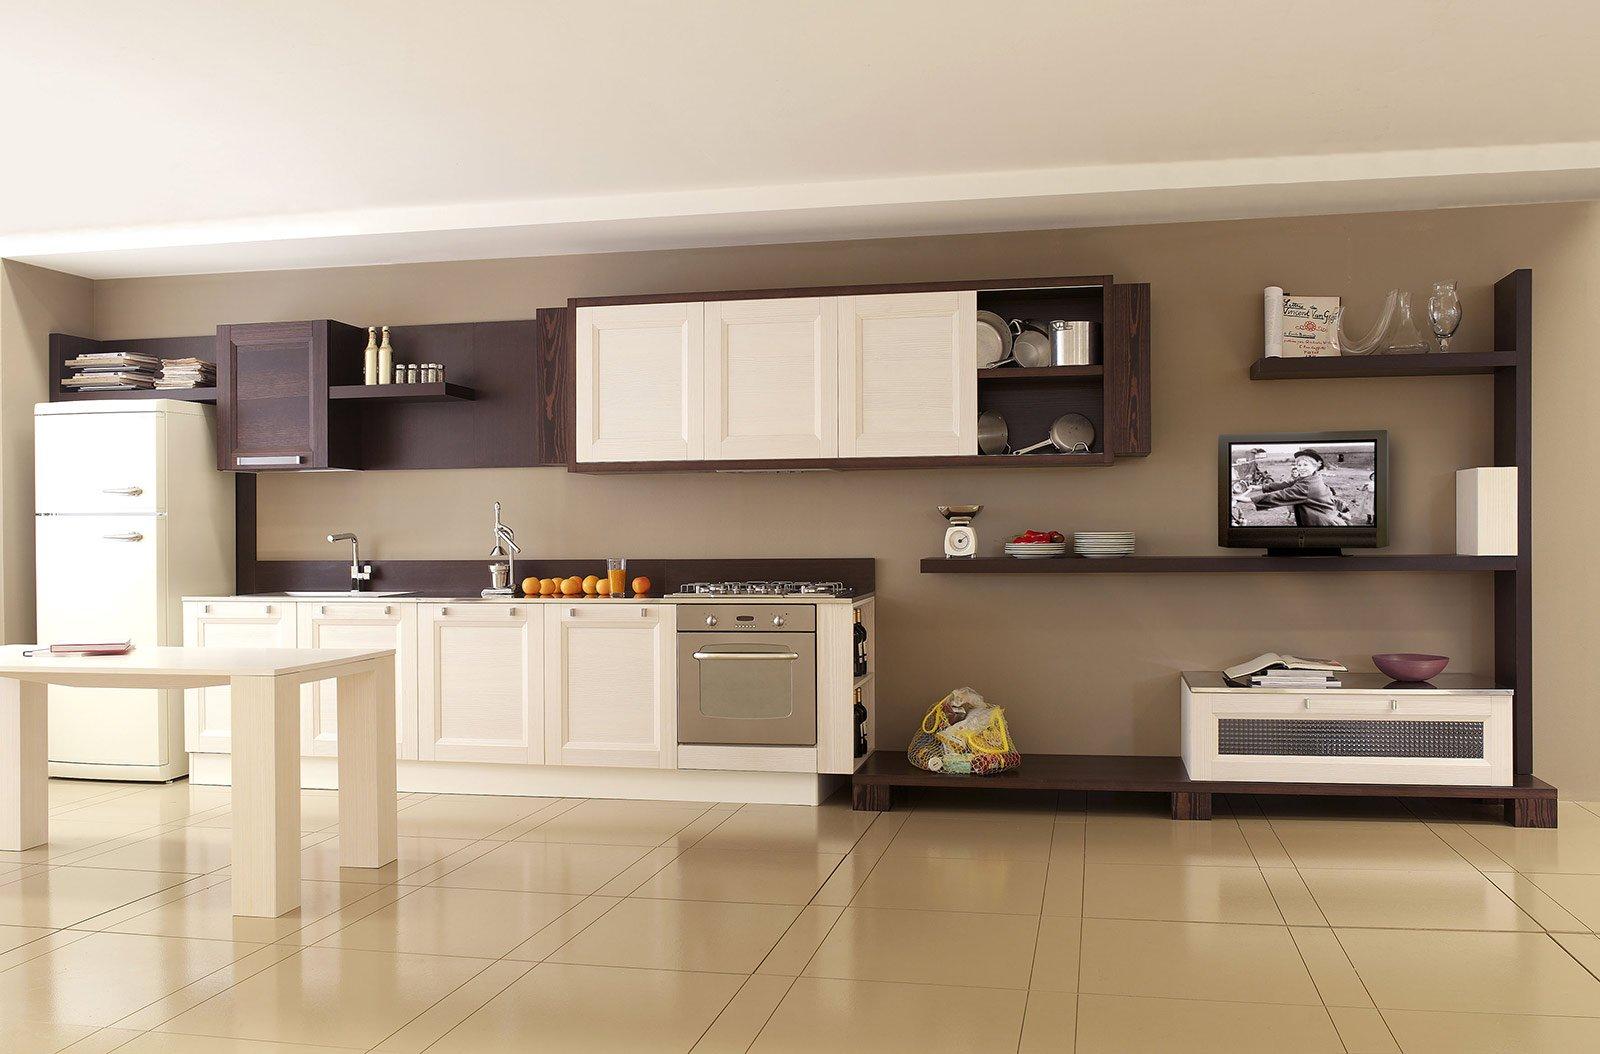 100+ [ Pitture Lavabili Per Cucine ] | Stunning Pittura Per Cucina ...